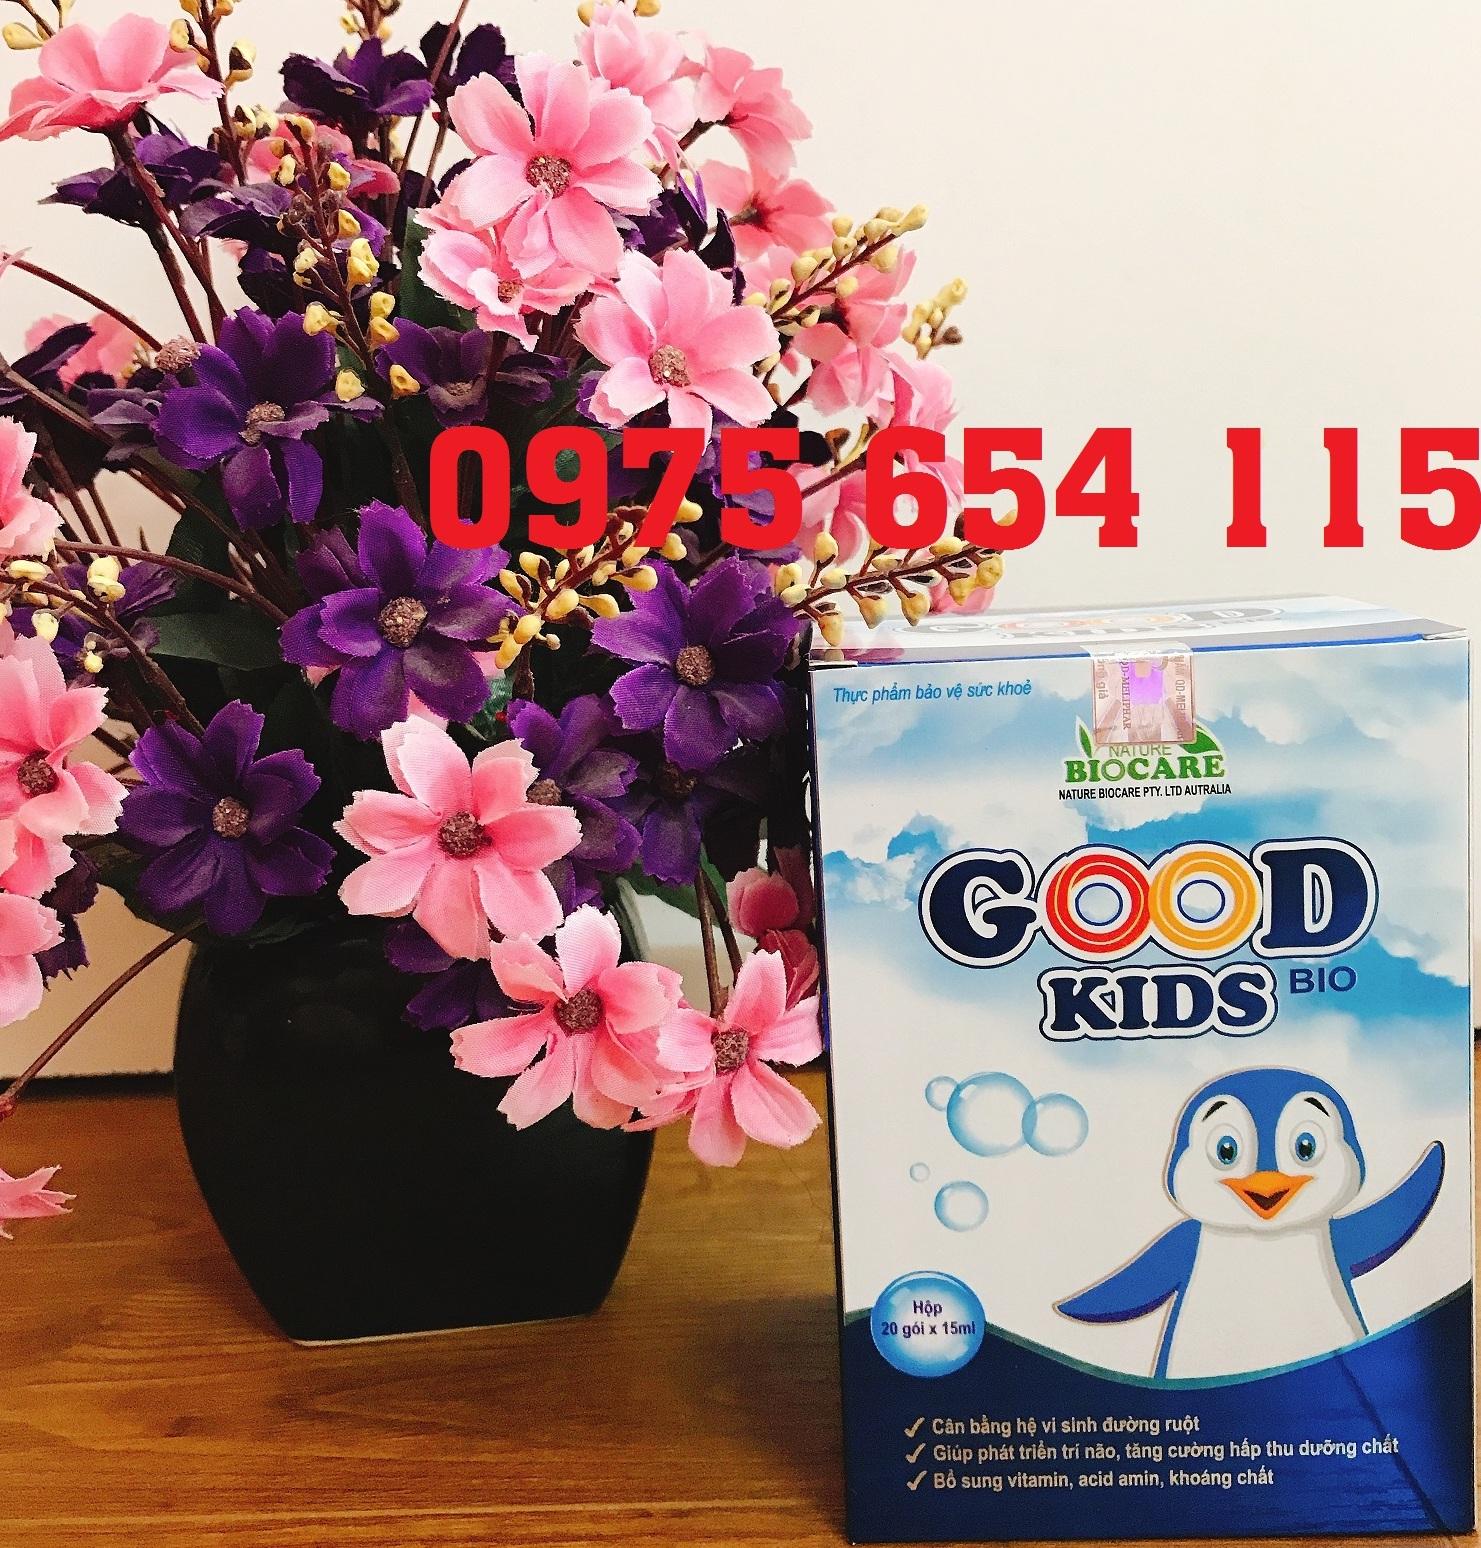 Goodkid Bio - Kích thích giúp bé ăn ngon hơn